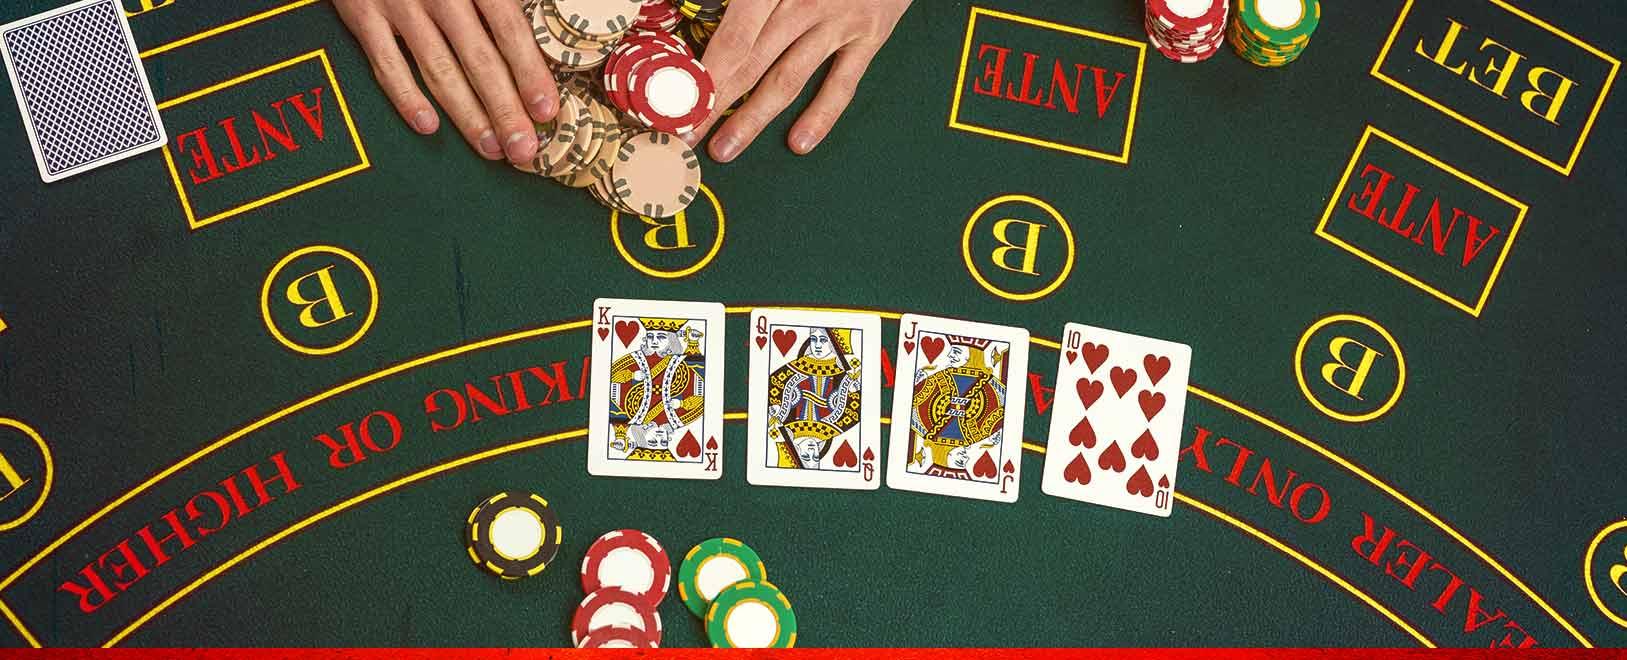 Poker Strategy: Five Reasons to Raise in Online Poker